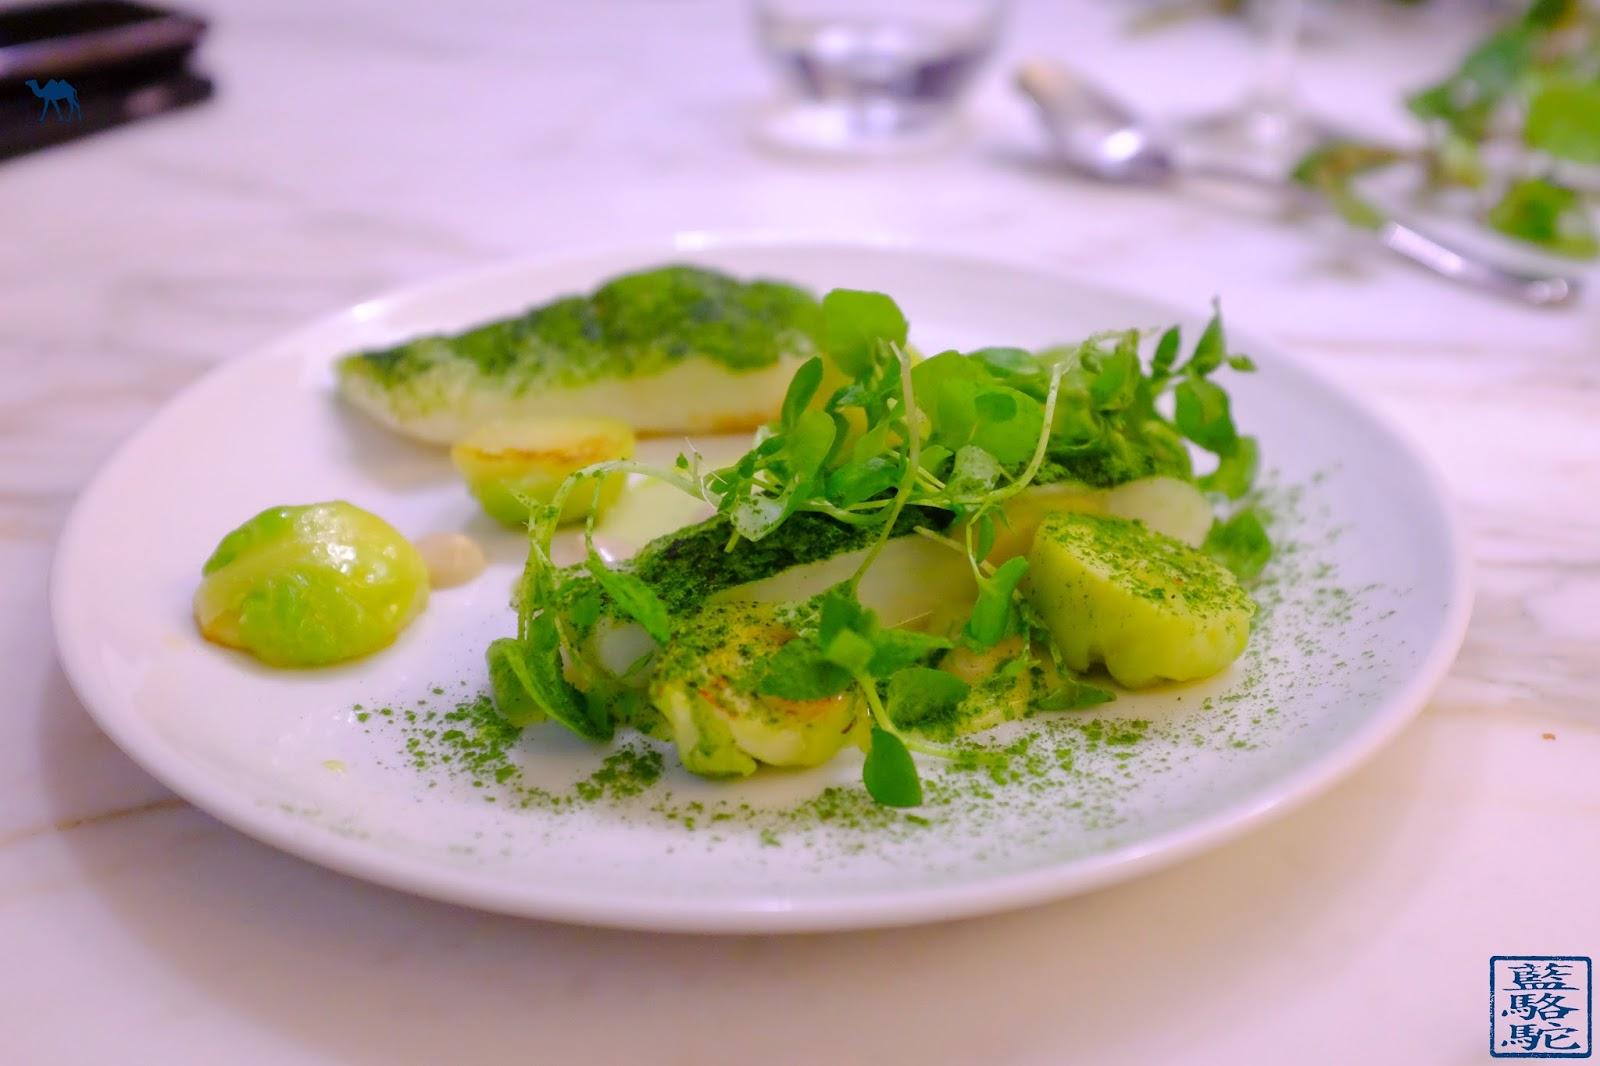 Le Chameau Bleu - Blog Gastronomie Restaurant Noglu Marais Paris - Turbot Chou Iodé Anchois